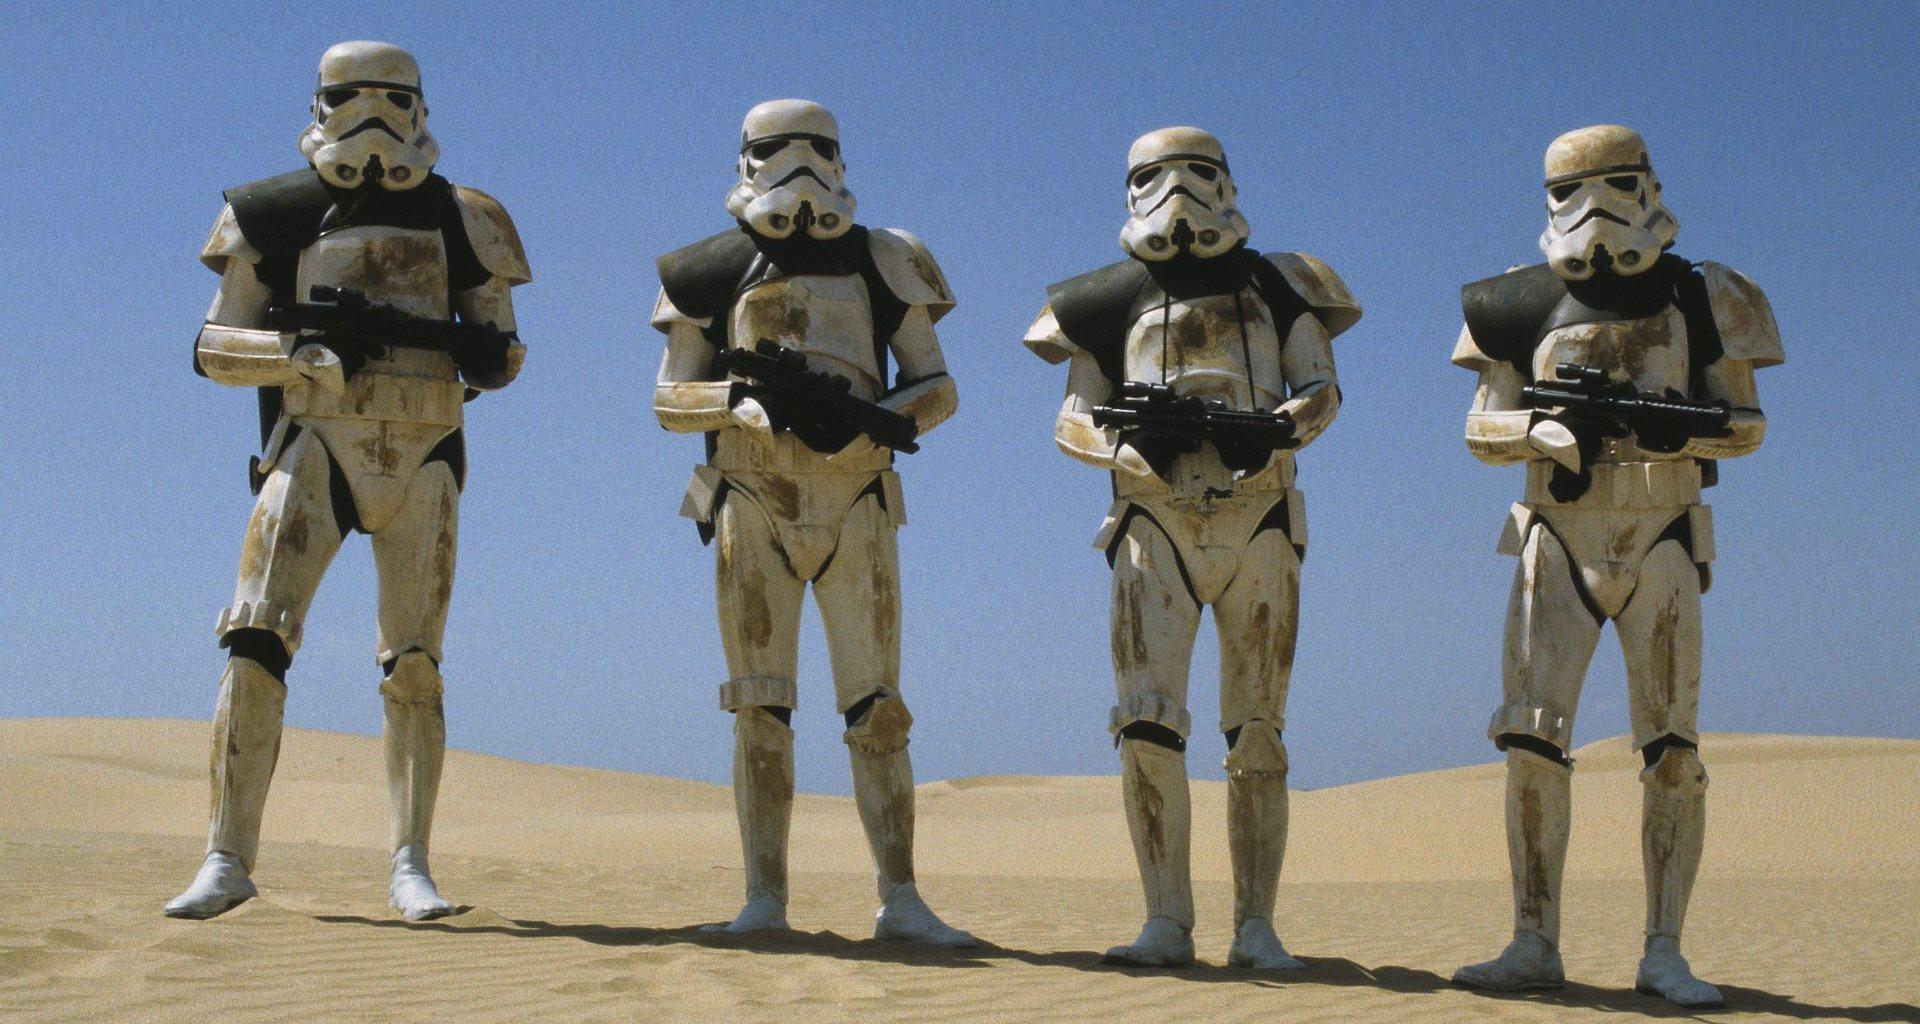 Shoulder Pauldron for Star Wars Sandtrooper Stormtrooper Costume Armour